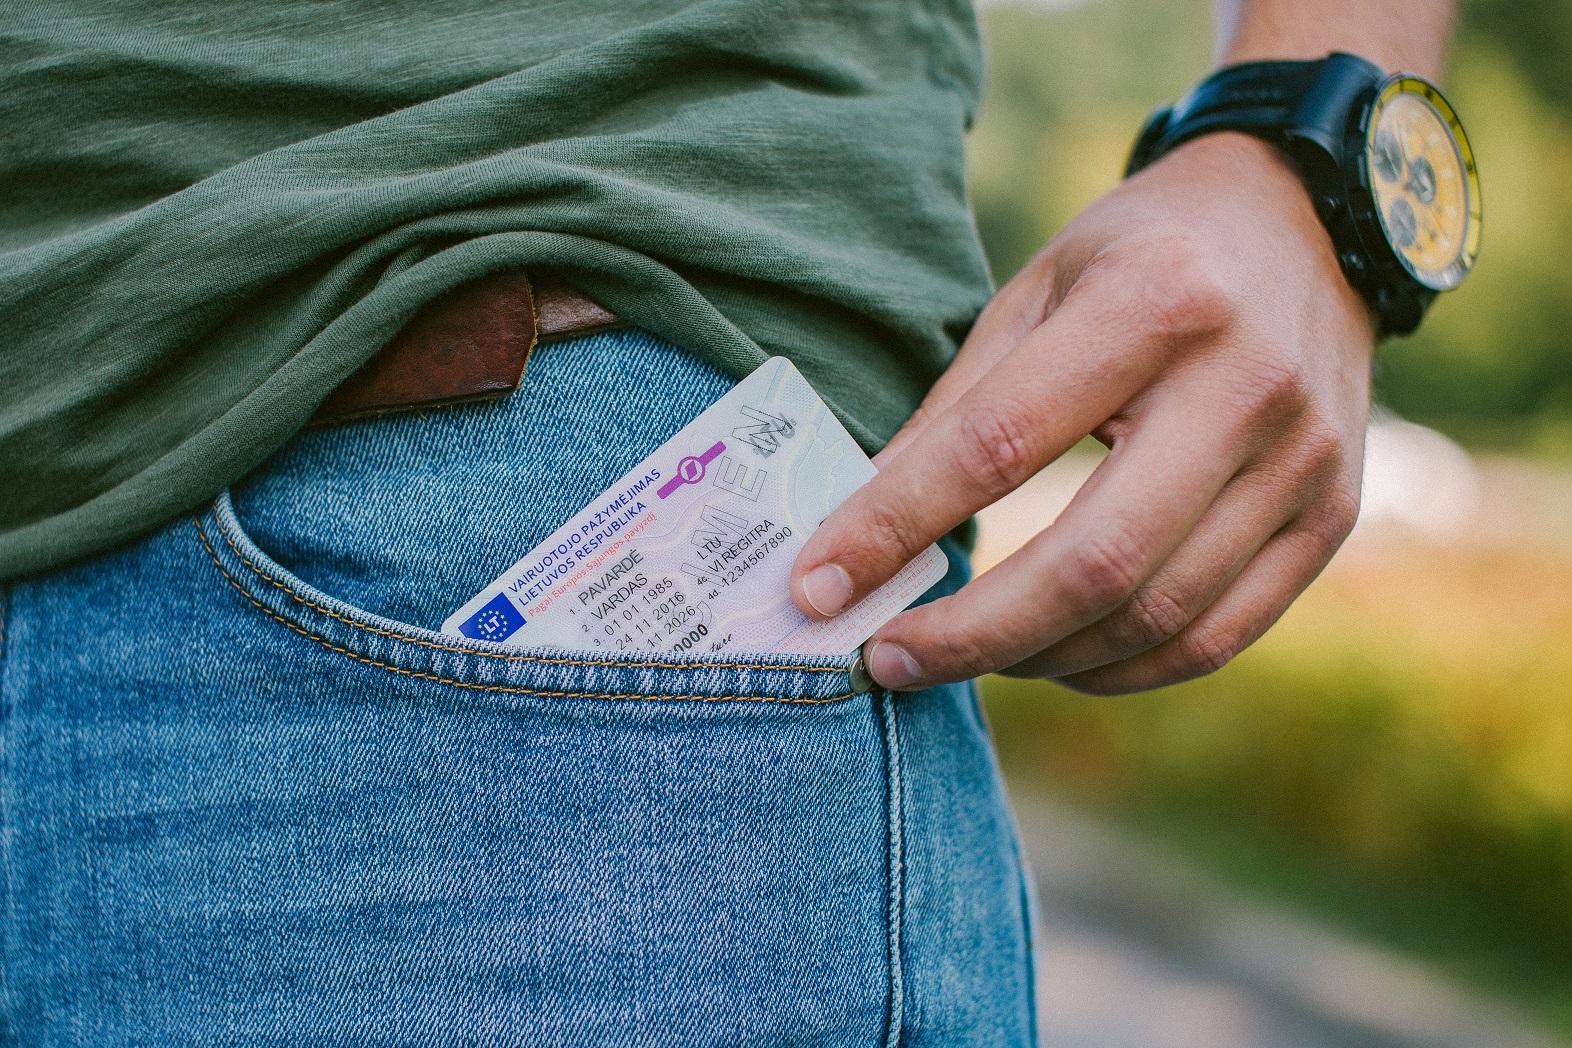 vairuotojo teisės dedamos į kišenę